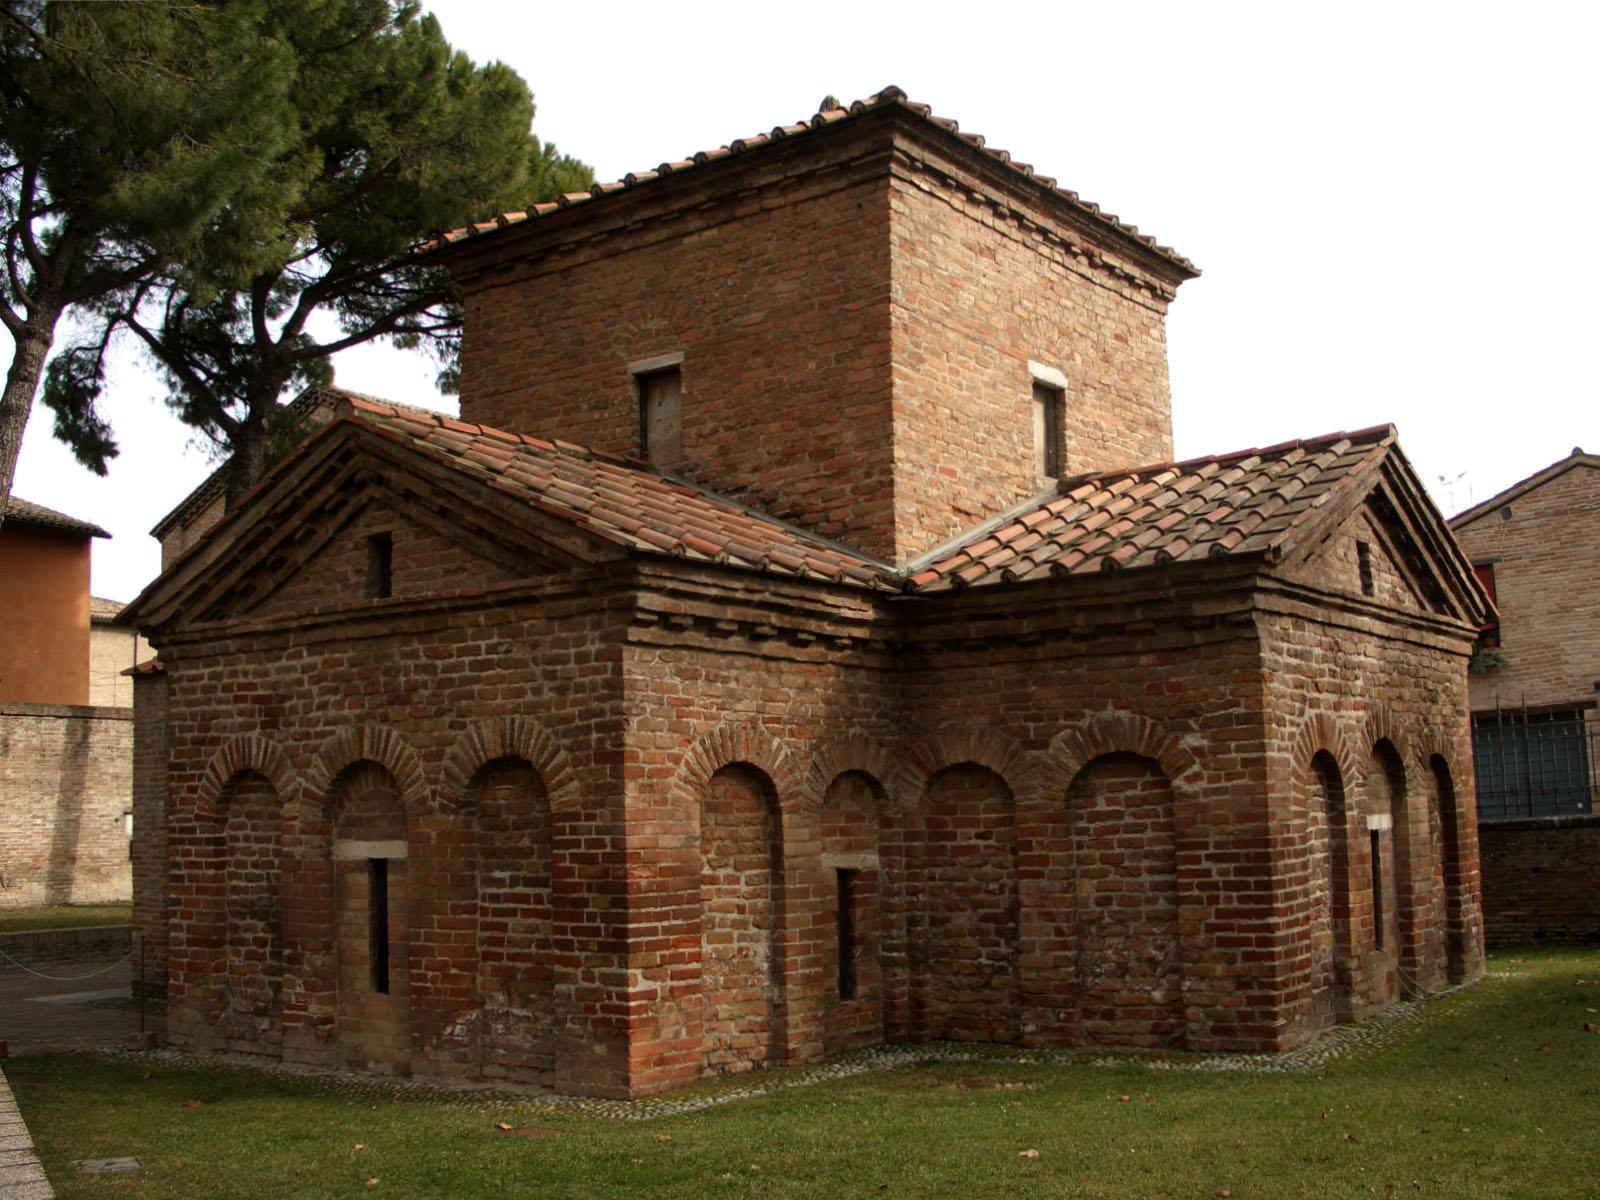 Mausoleo di Galla Placida - Ravenna